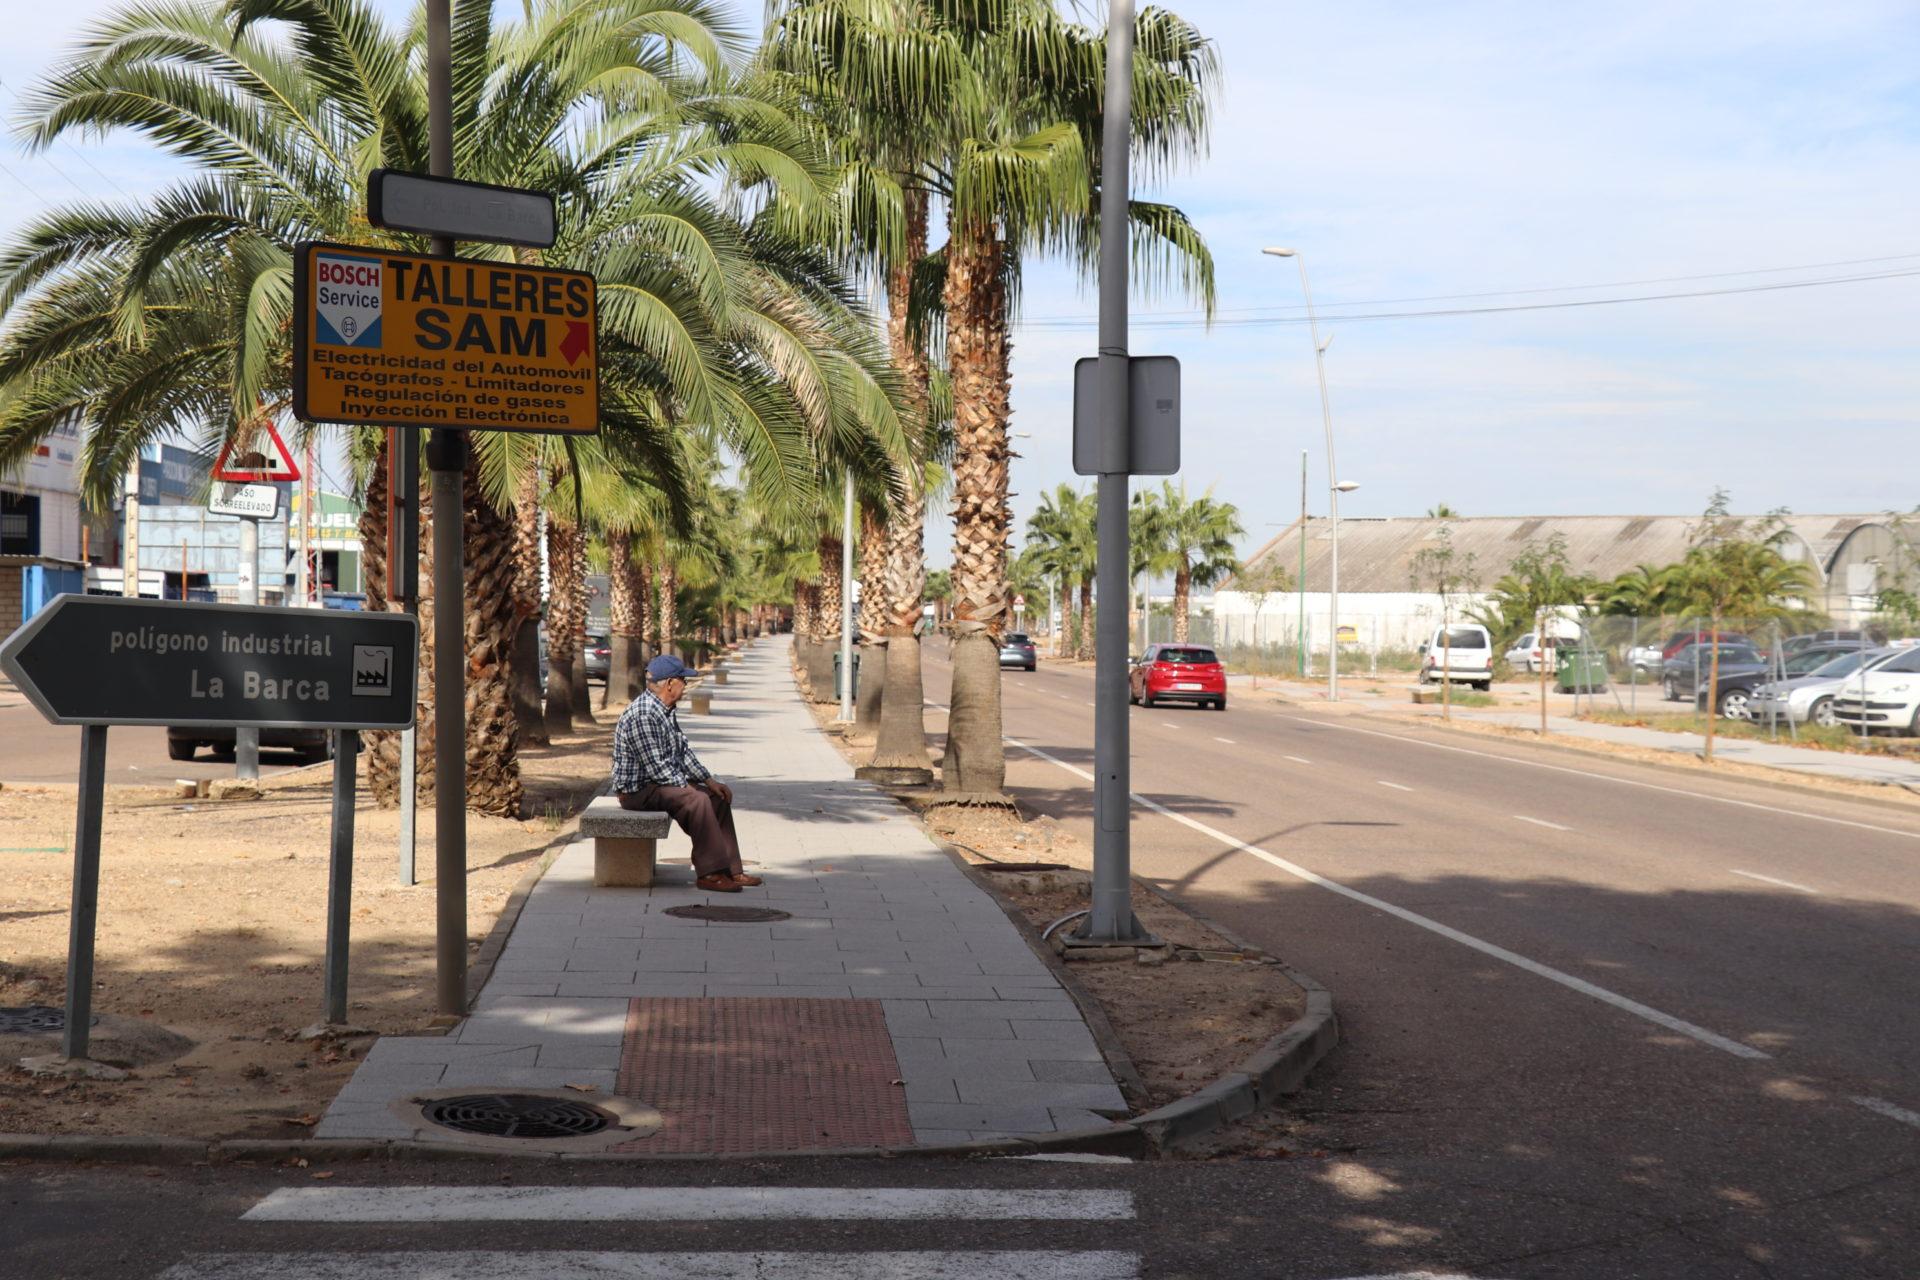 La junta de Gobierno adjudica un tramo de  unos 4,5 kilómetros del cinturón de movilidad urbana sostenible